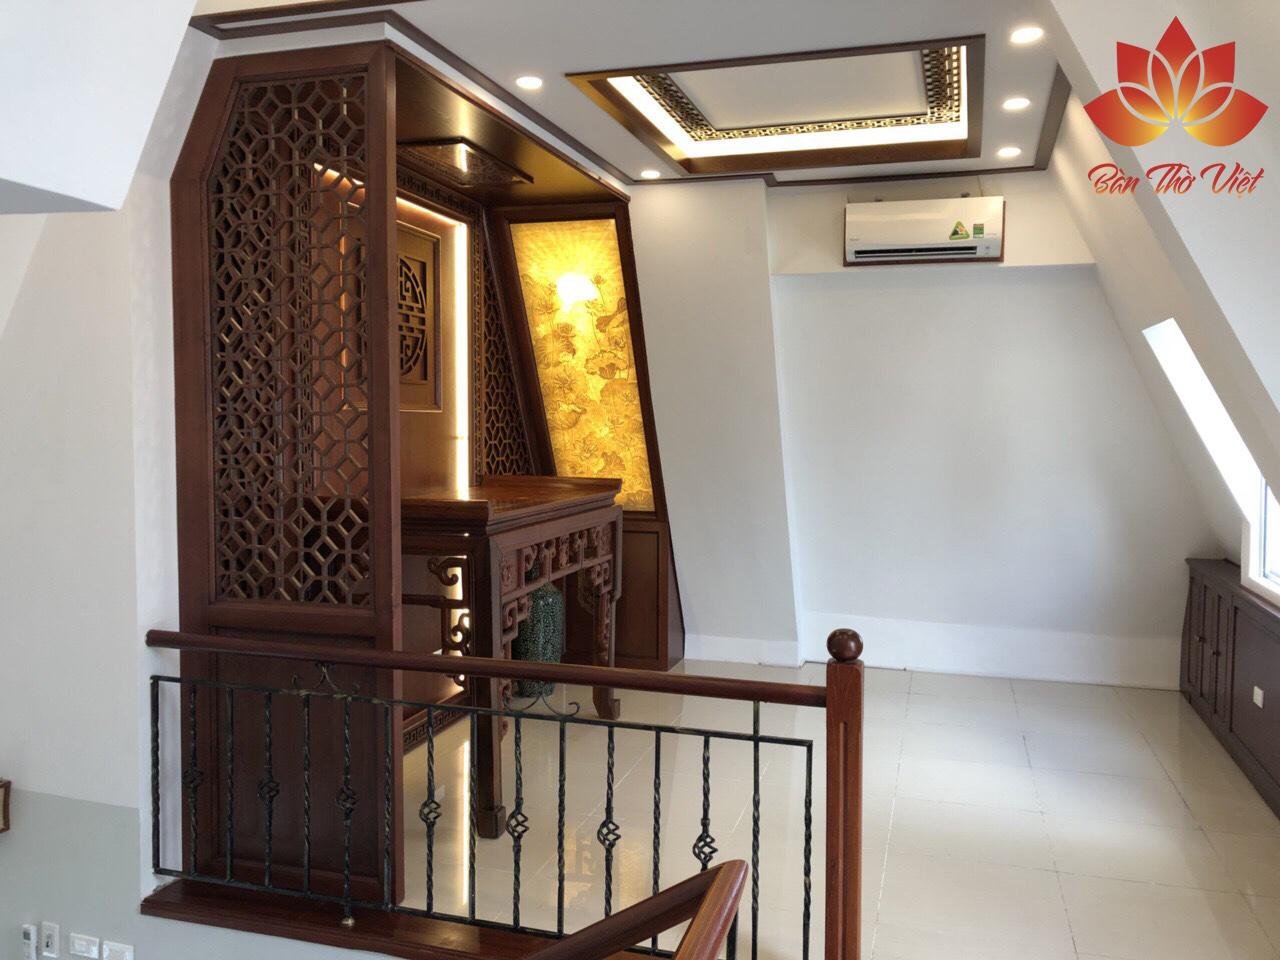 Mẫu trần phòng thờ đẹp cho nhà ống - nhà biệt thự - nhà phố mới nhất